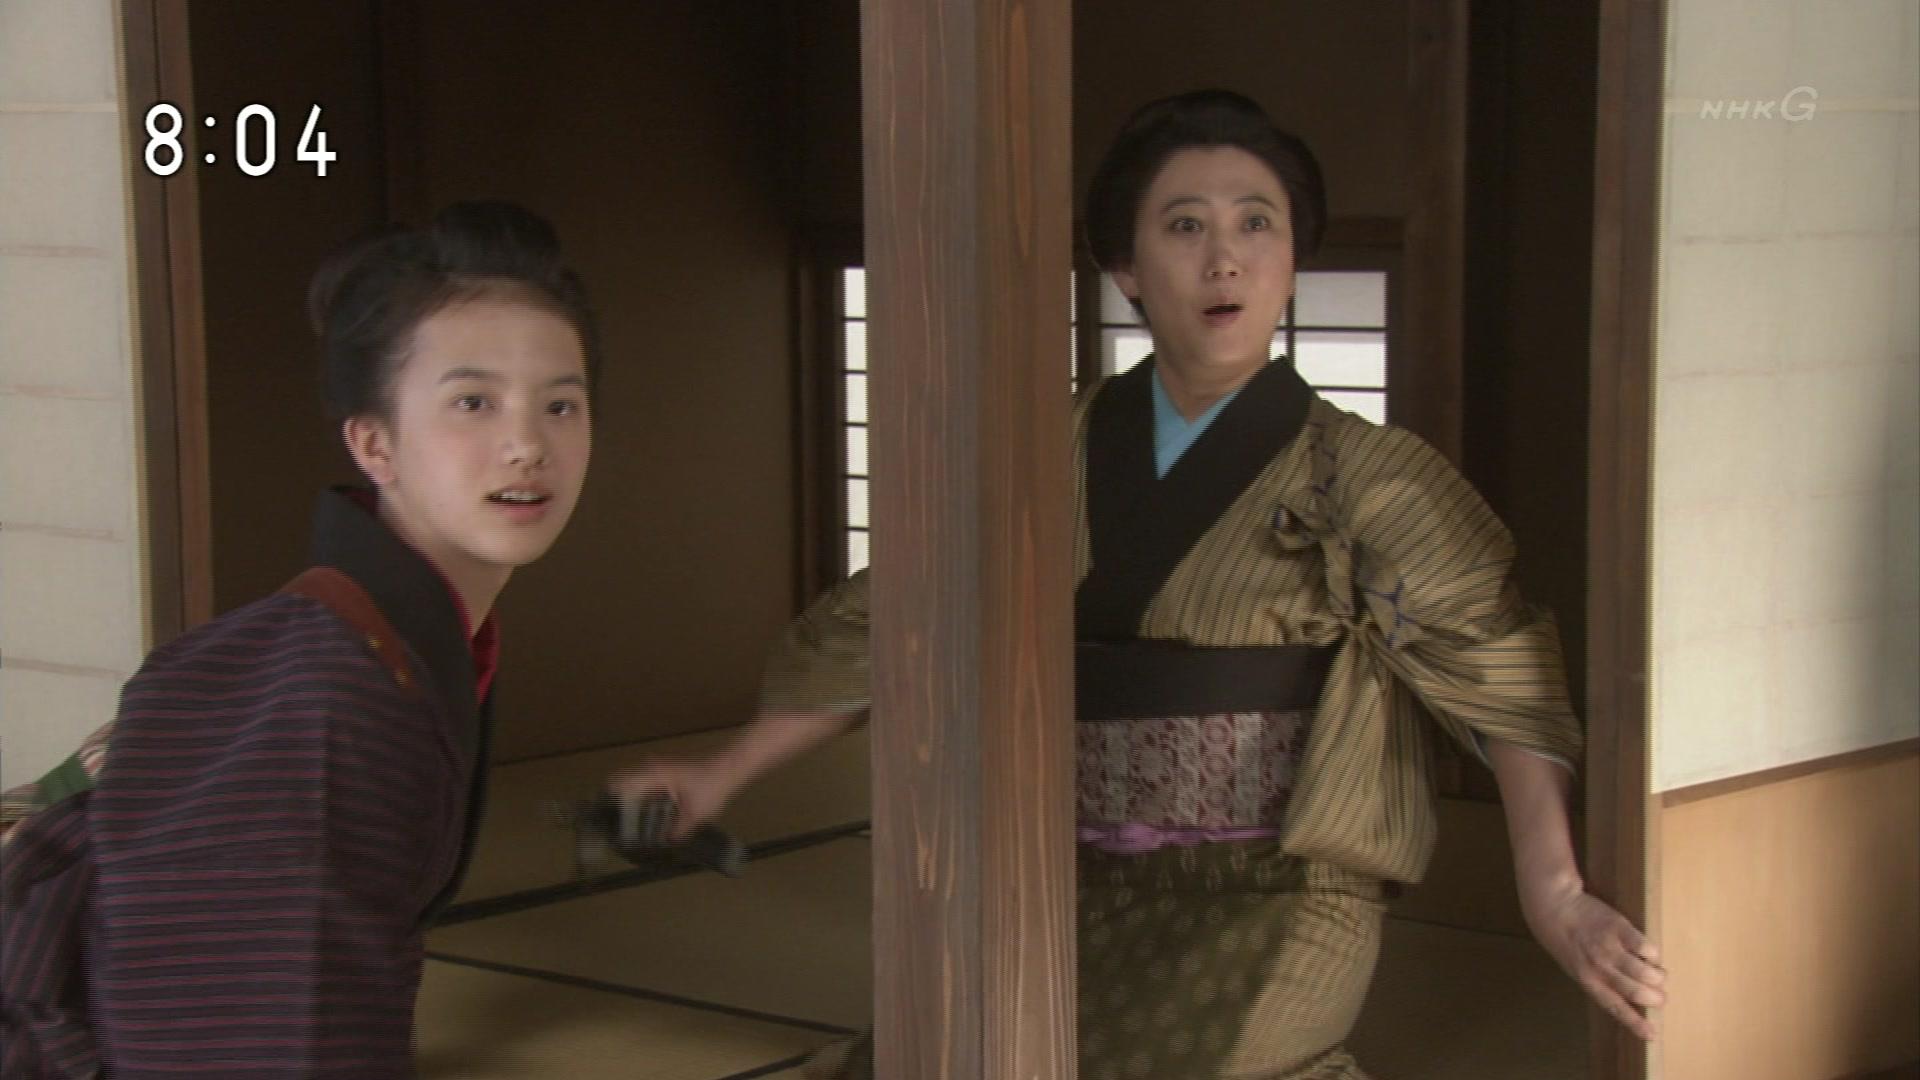 2015-10-09 08:00 連続テレビ小説 あさが来た(11)「ふたつの花びら」 0819